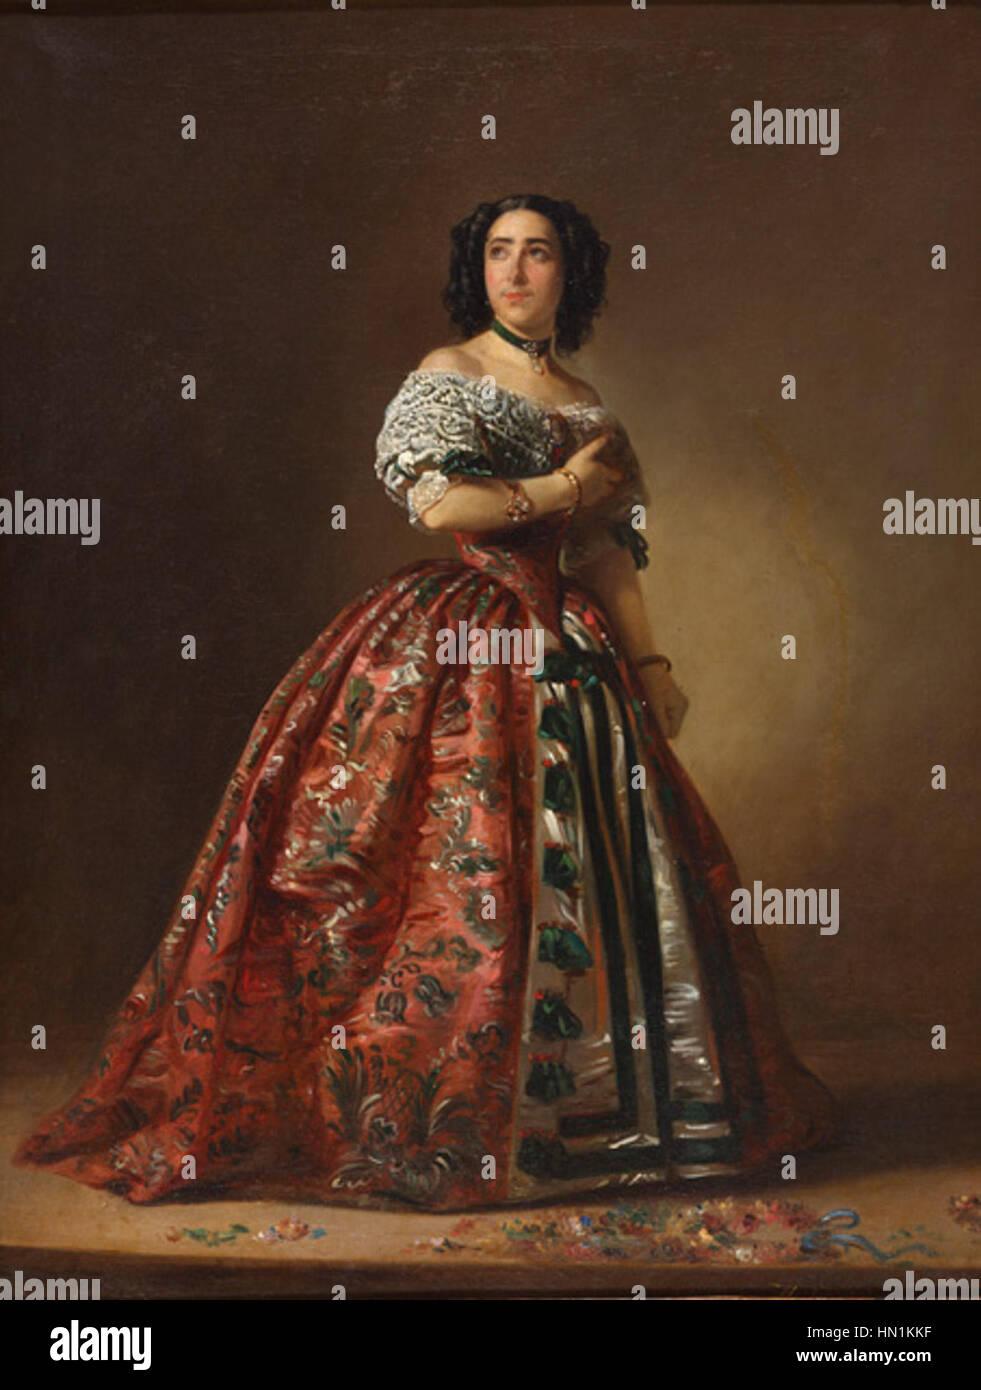 Museo del Romanticismo - CE0068 - Teodora Lamadrid en Adriana Lecouvreur Immagini Stock